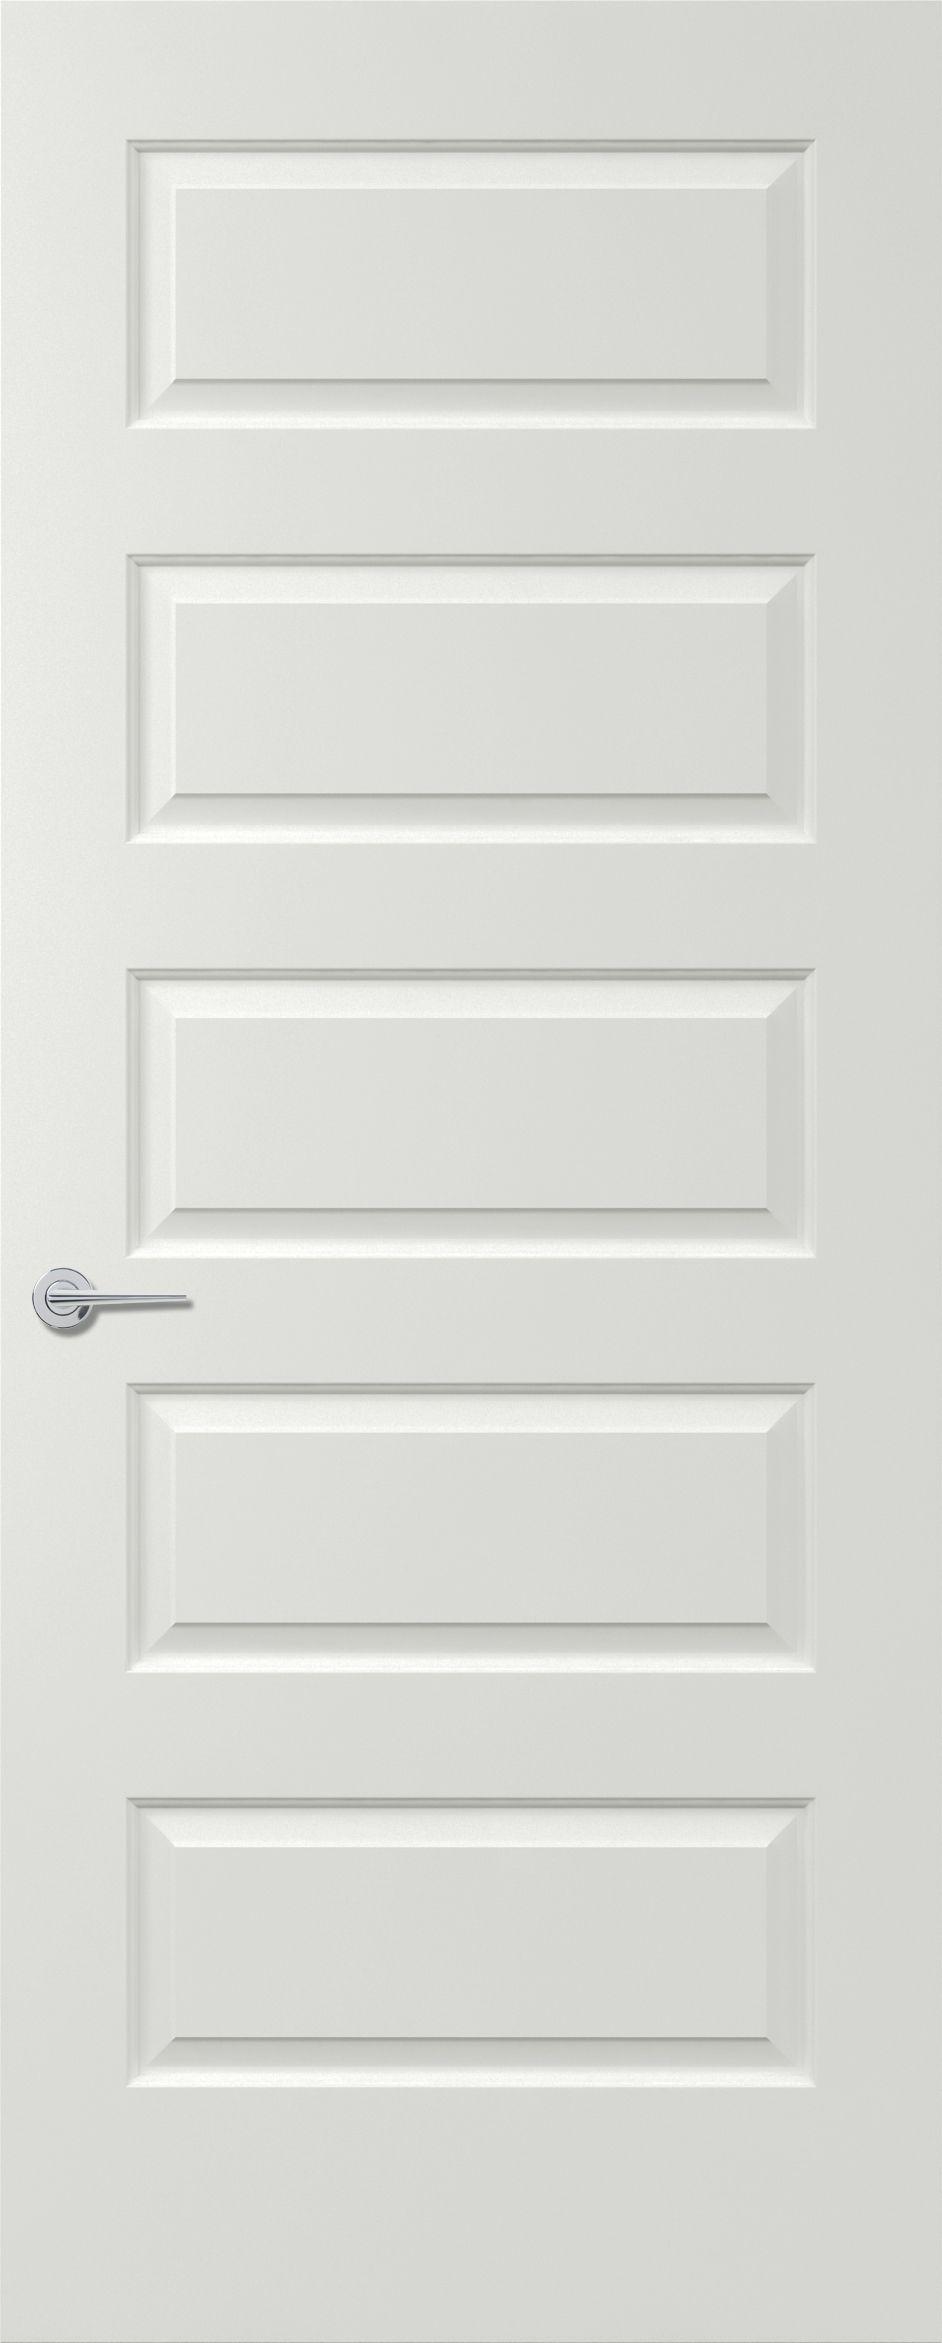 Door Internal Rockport 2040x870x35 Rockport Doors Interior Prehung Interior Doors Solid Wood Interior Door